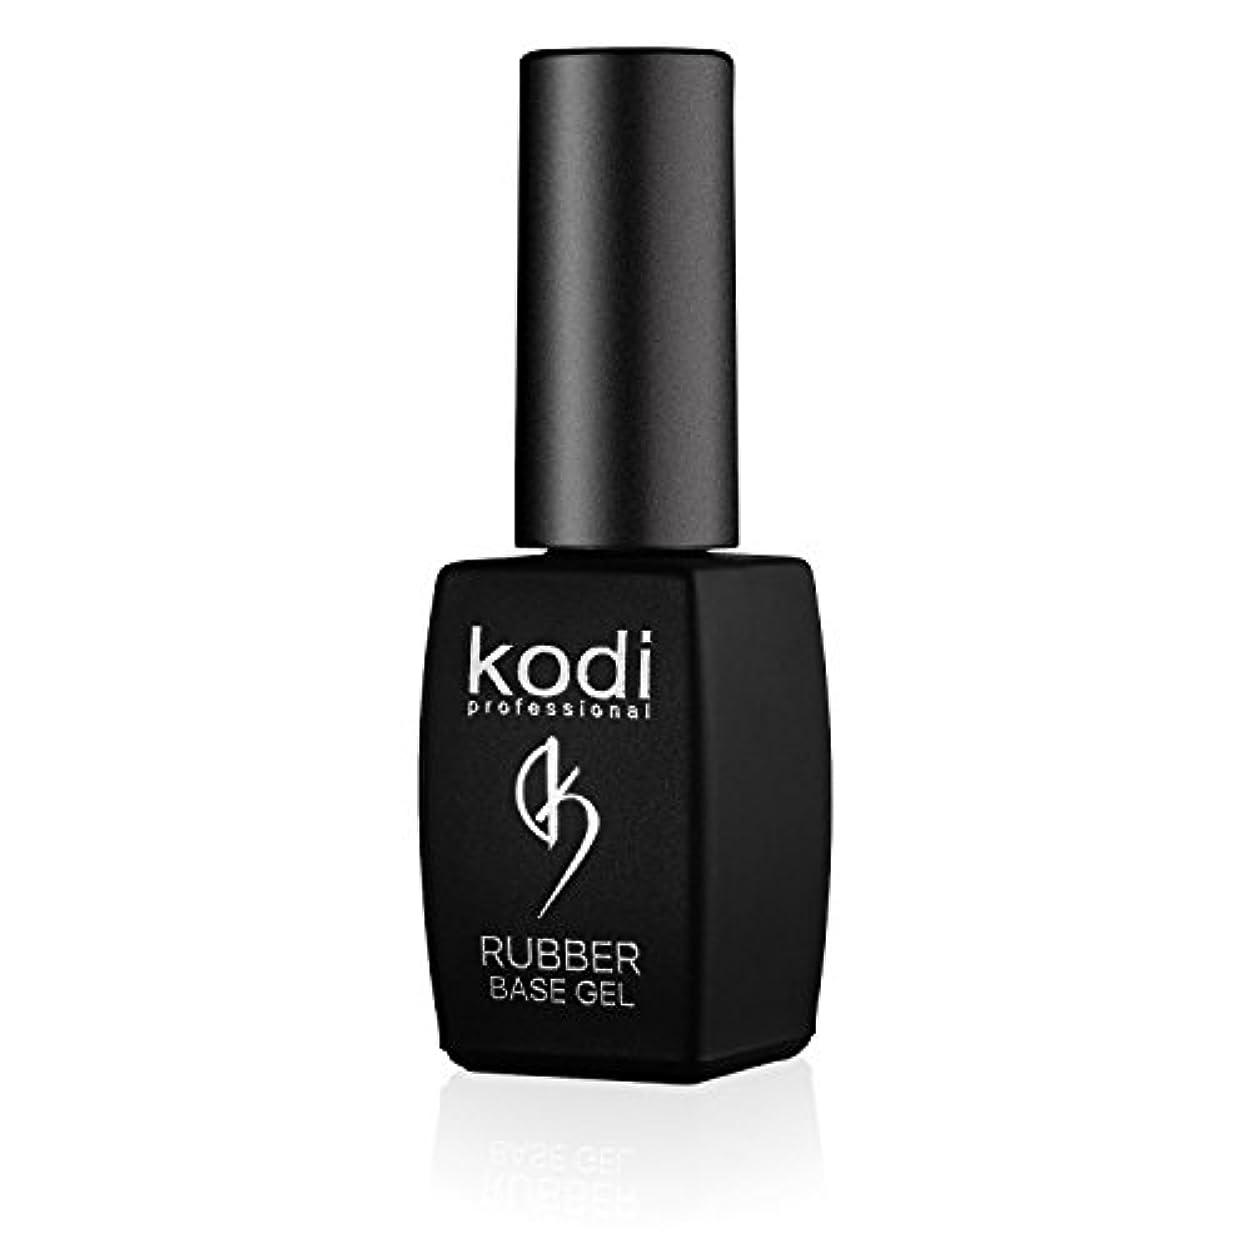 彼くちばしワーカーProfessional Rubber Base Gel By Kodi | 8ml 0.27 oz | Soak Off, Polish Fingernails Coat Gel | For Long Lasting...